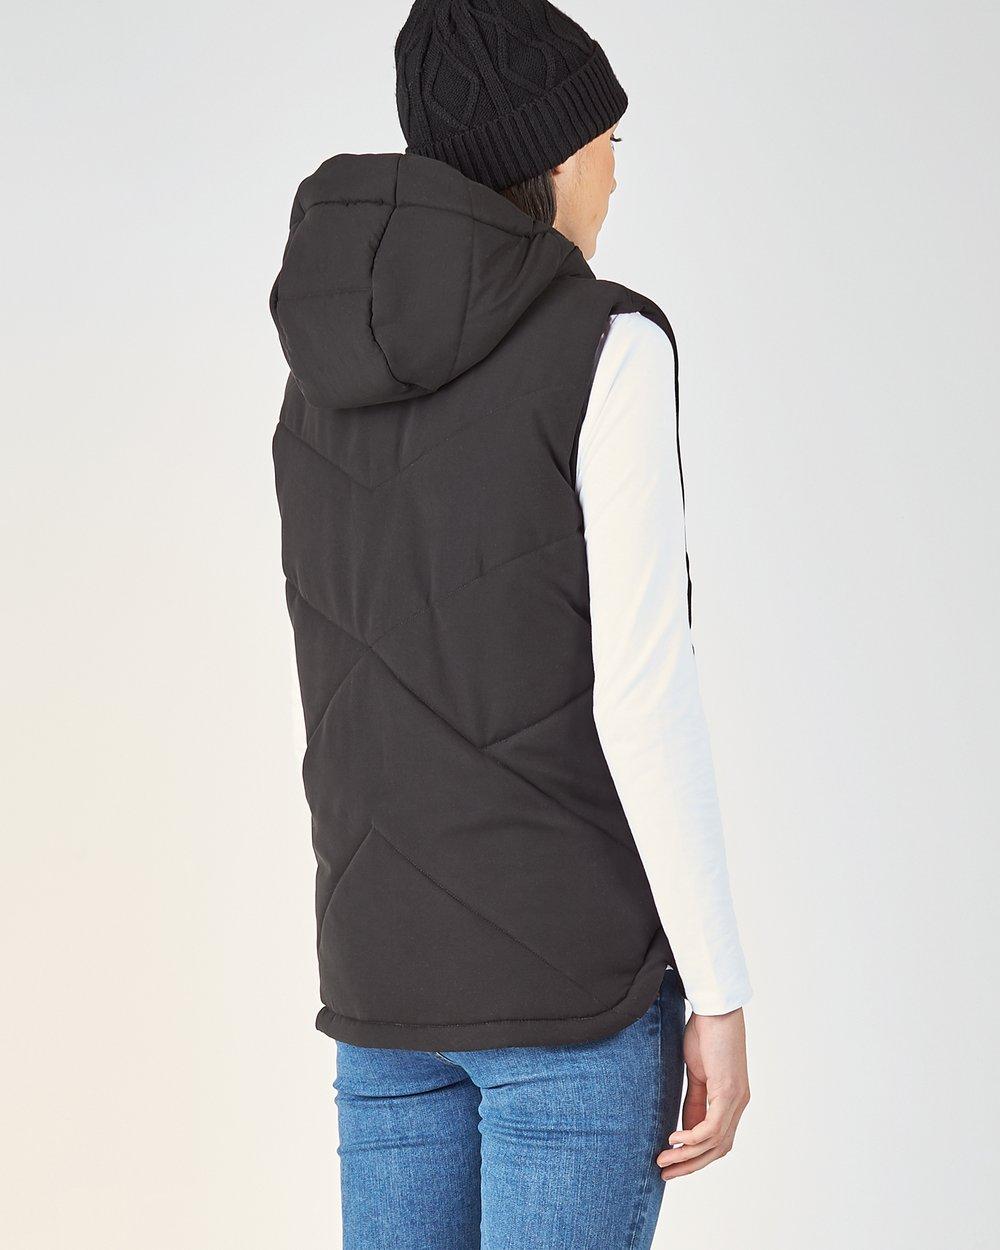 6b6e01f6d Wmns Insulated Loft Vest by Huffer Online